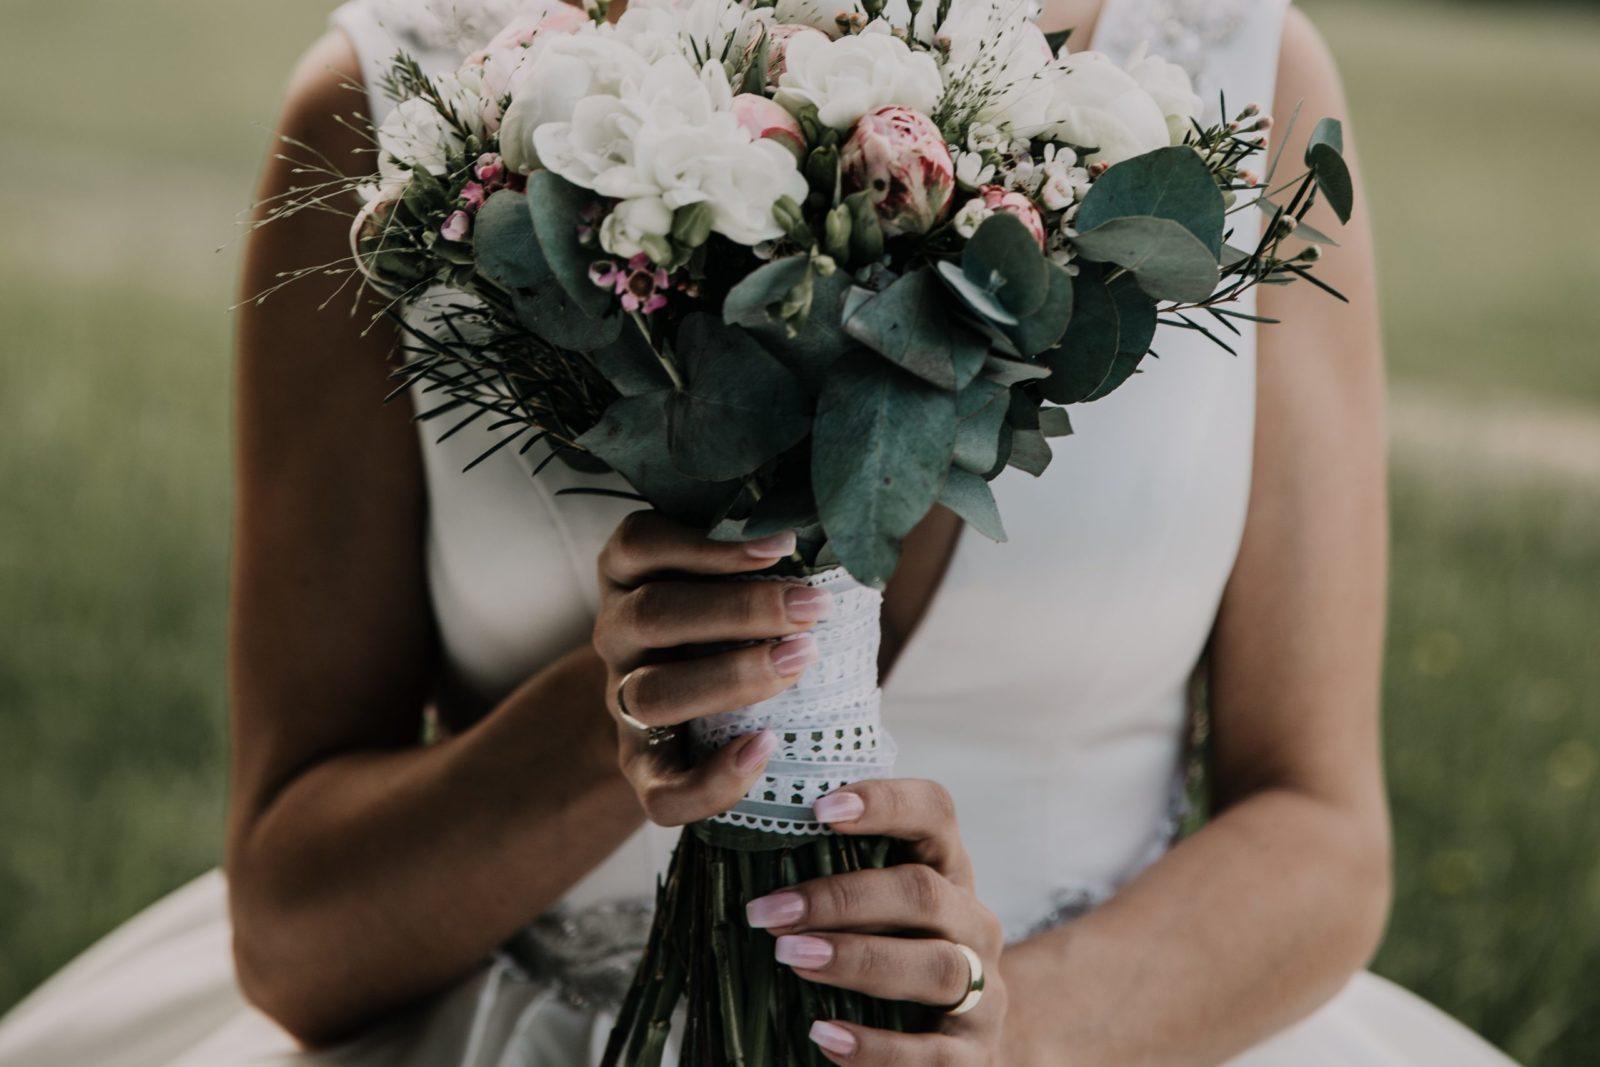 Svadobná kytica v nevestiných rukách zviazaná bielou stuhou.